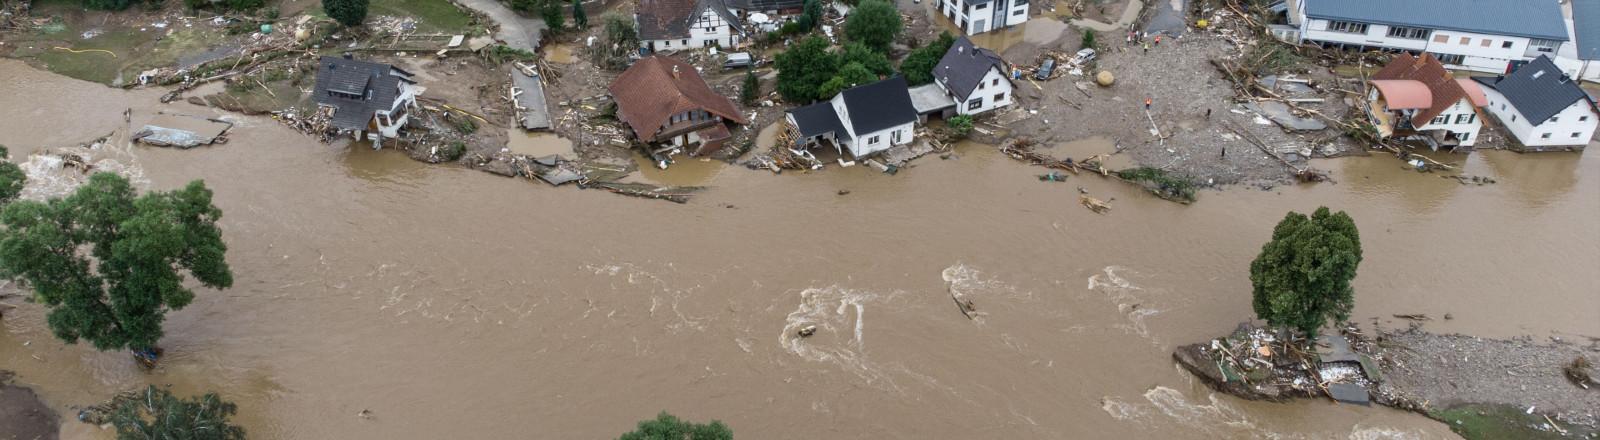 Weitgehend überflutet ist das Dorf Insul in Rheinland-Pfalz nach massiven Regenfällen (Luftaufnahme mit Drohne)